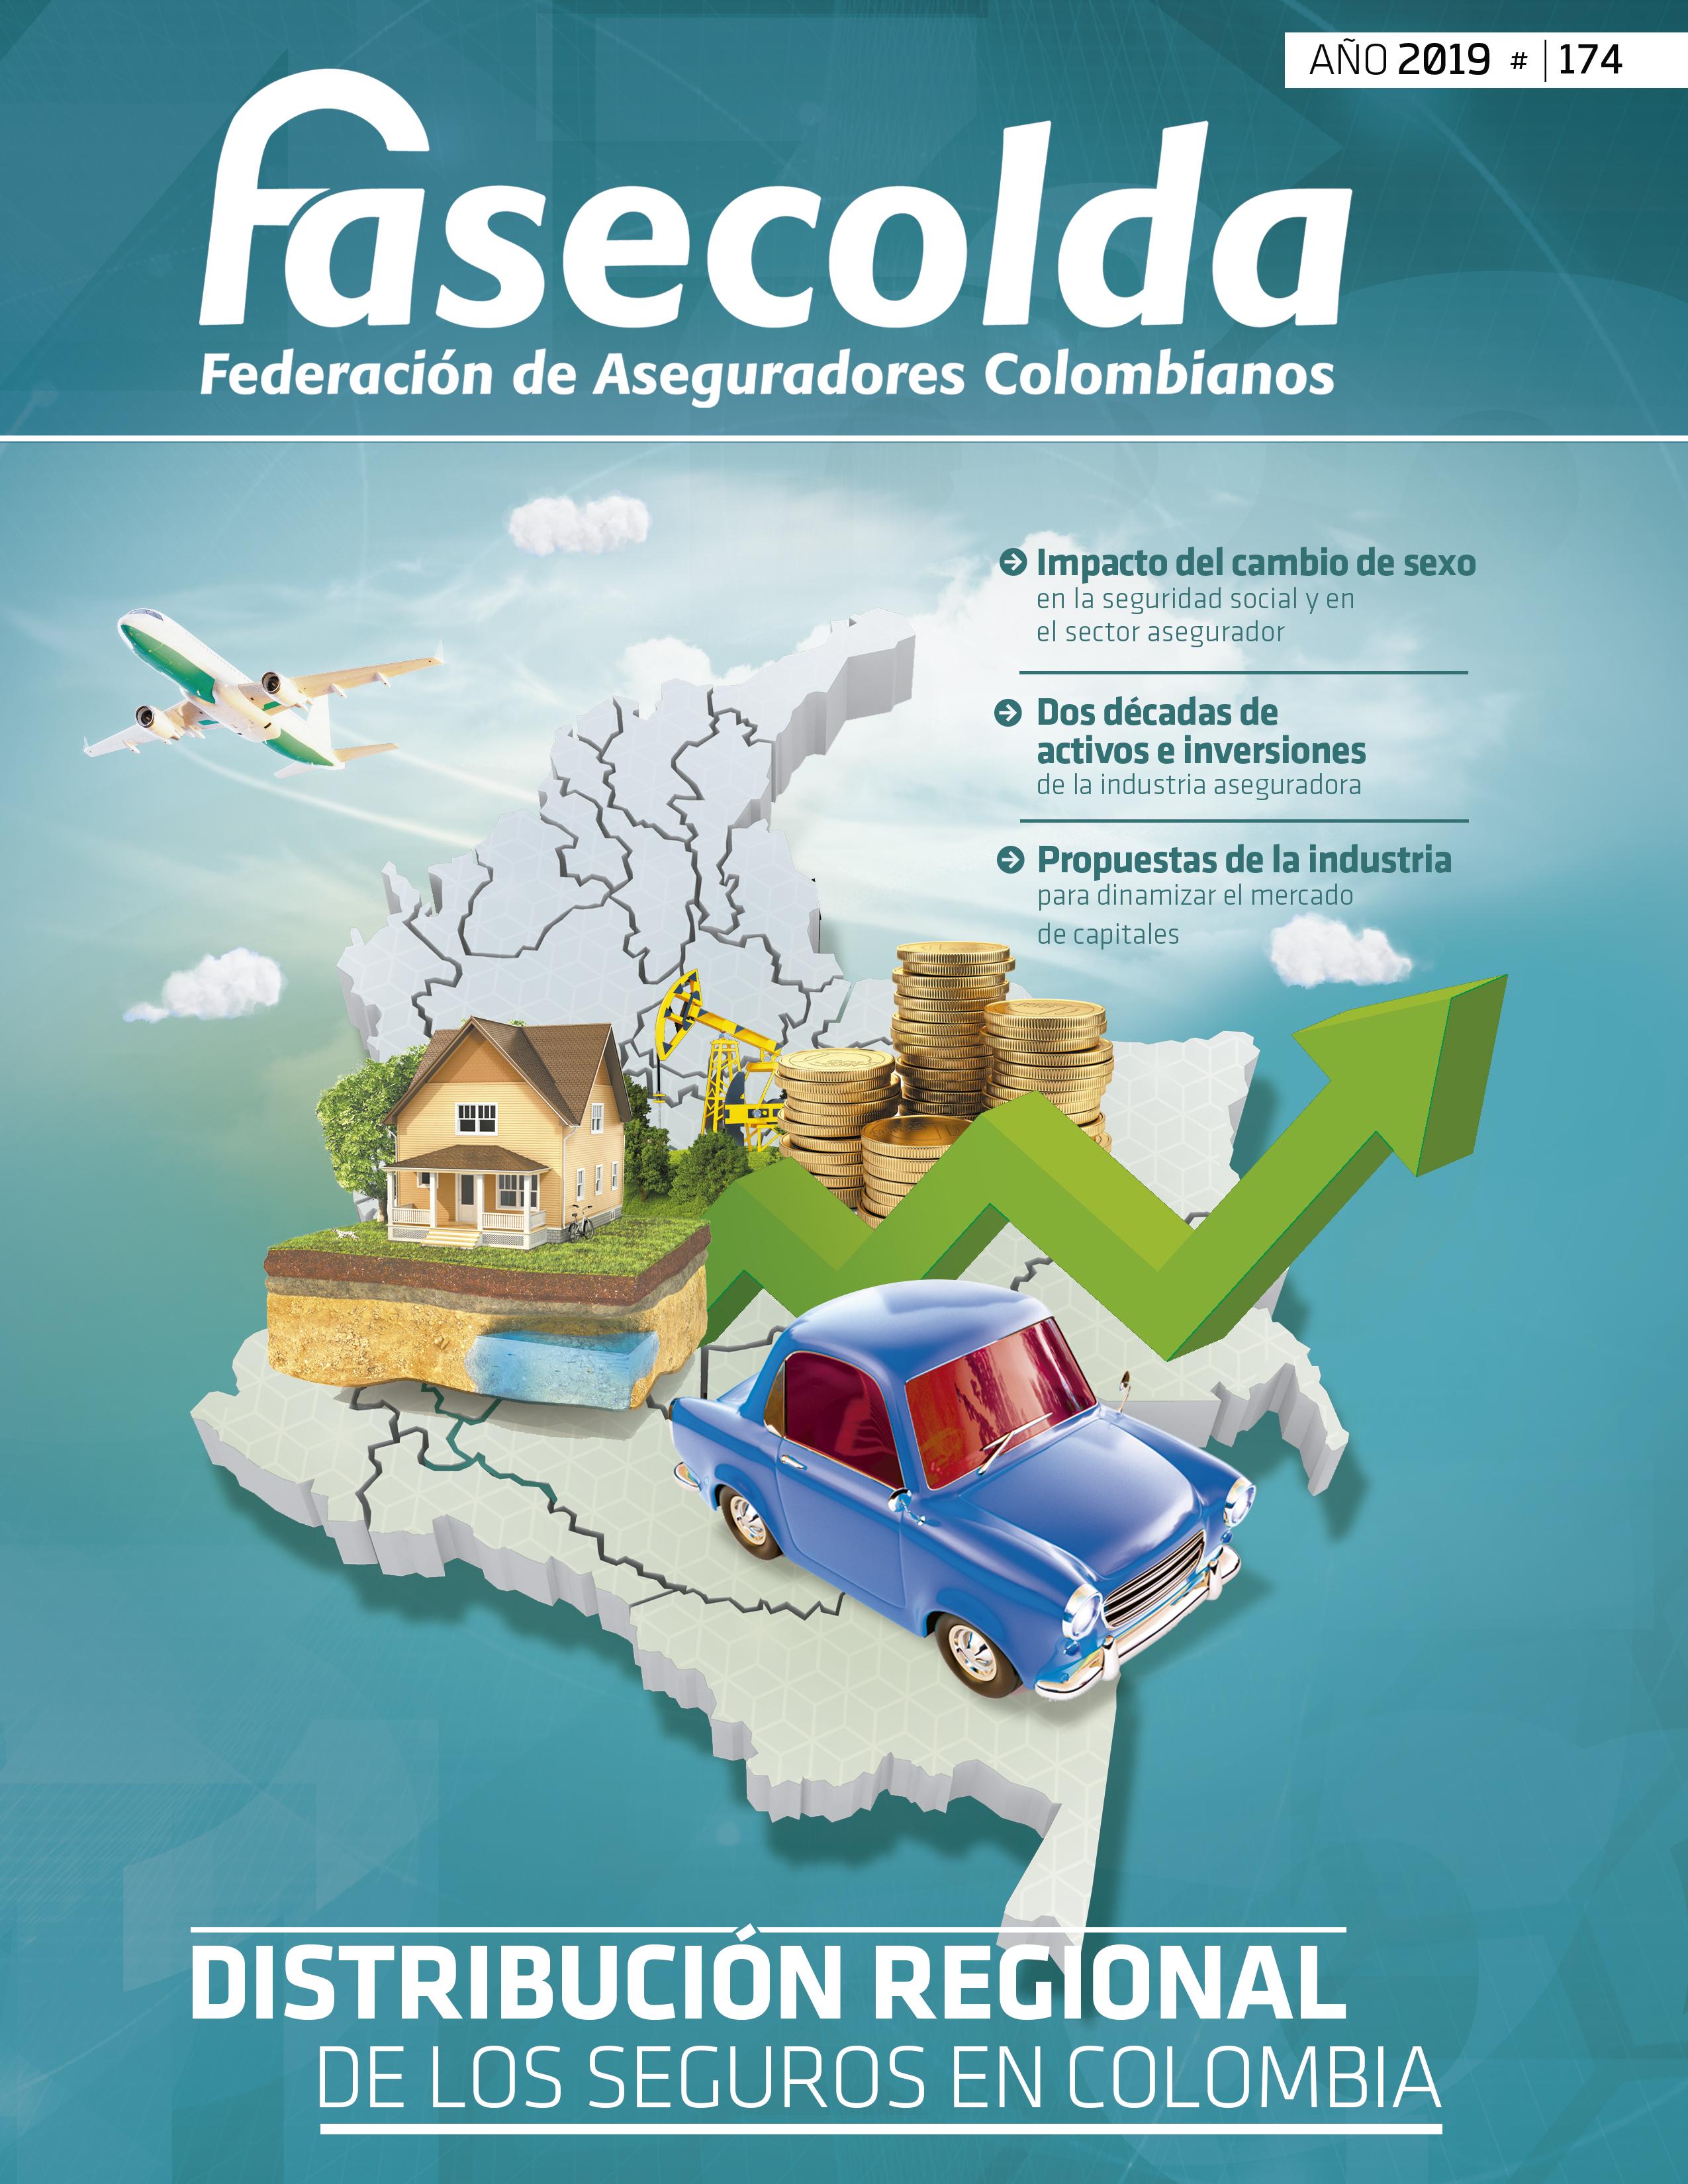 revista fasecolda_174_distribuci´ón regional de los seguros en colombia